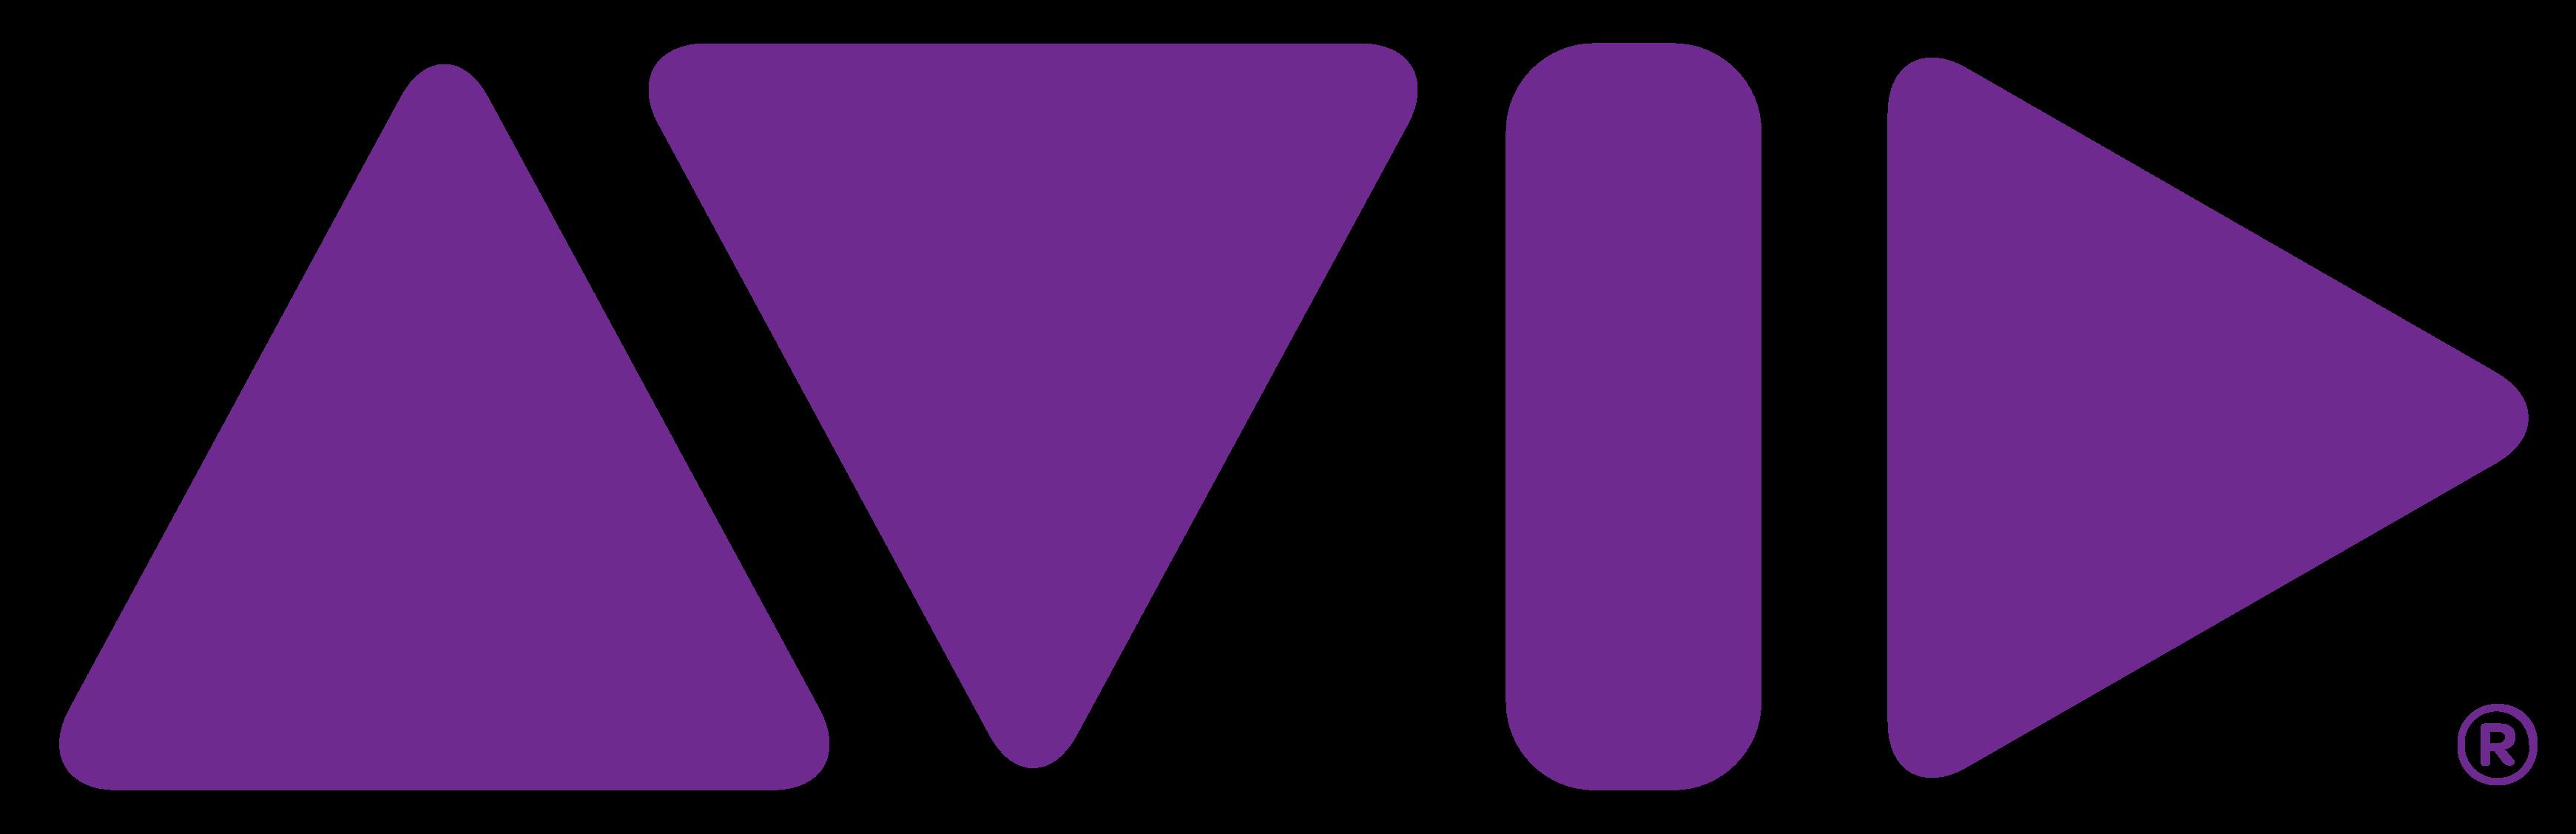 avid sponsor logo